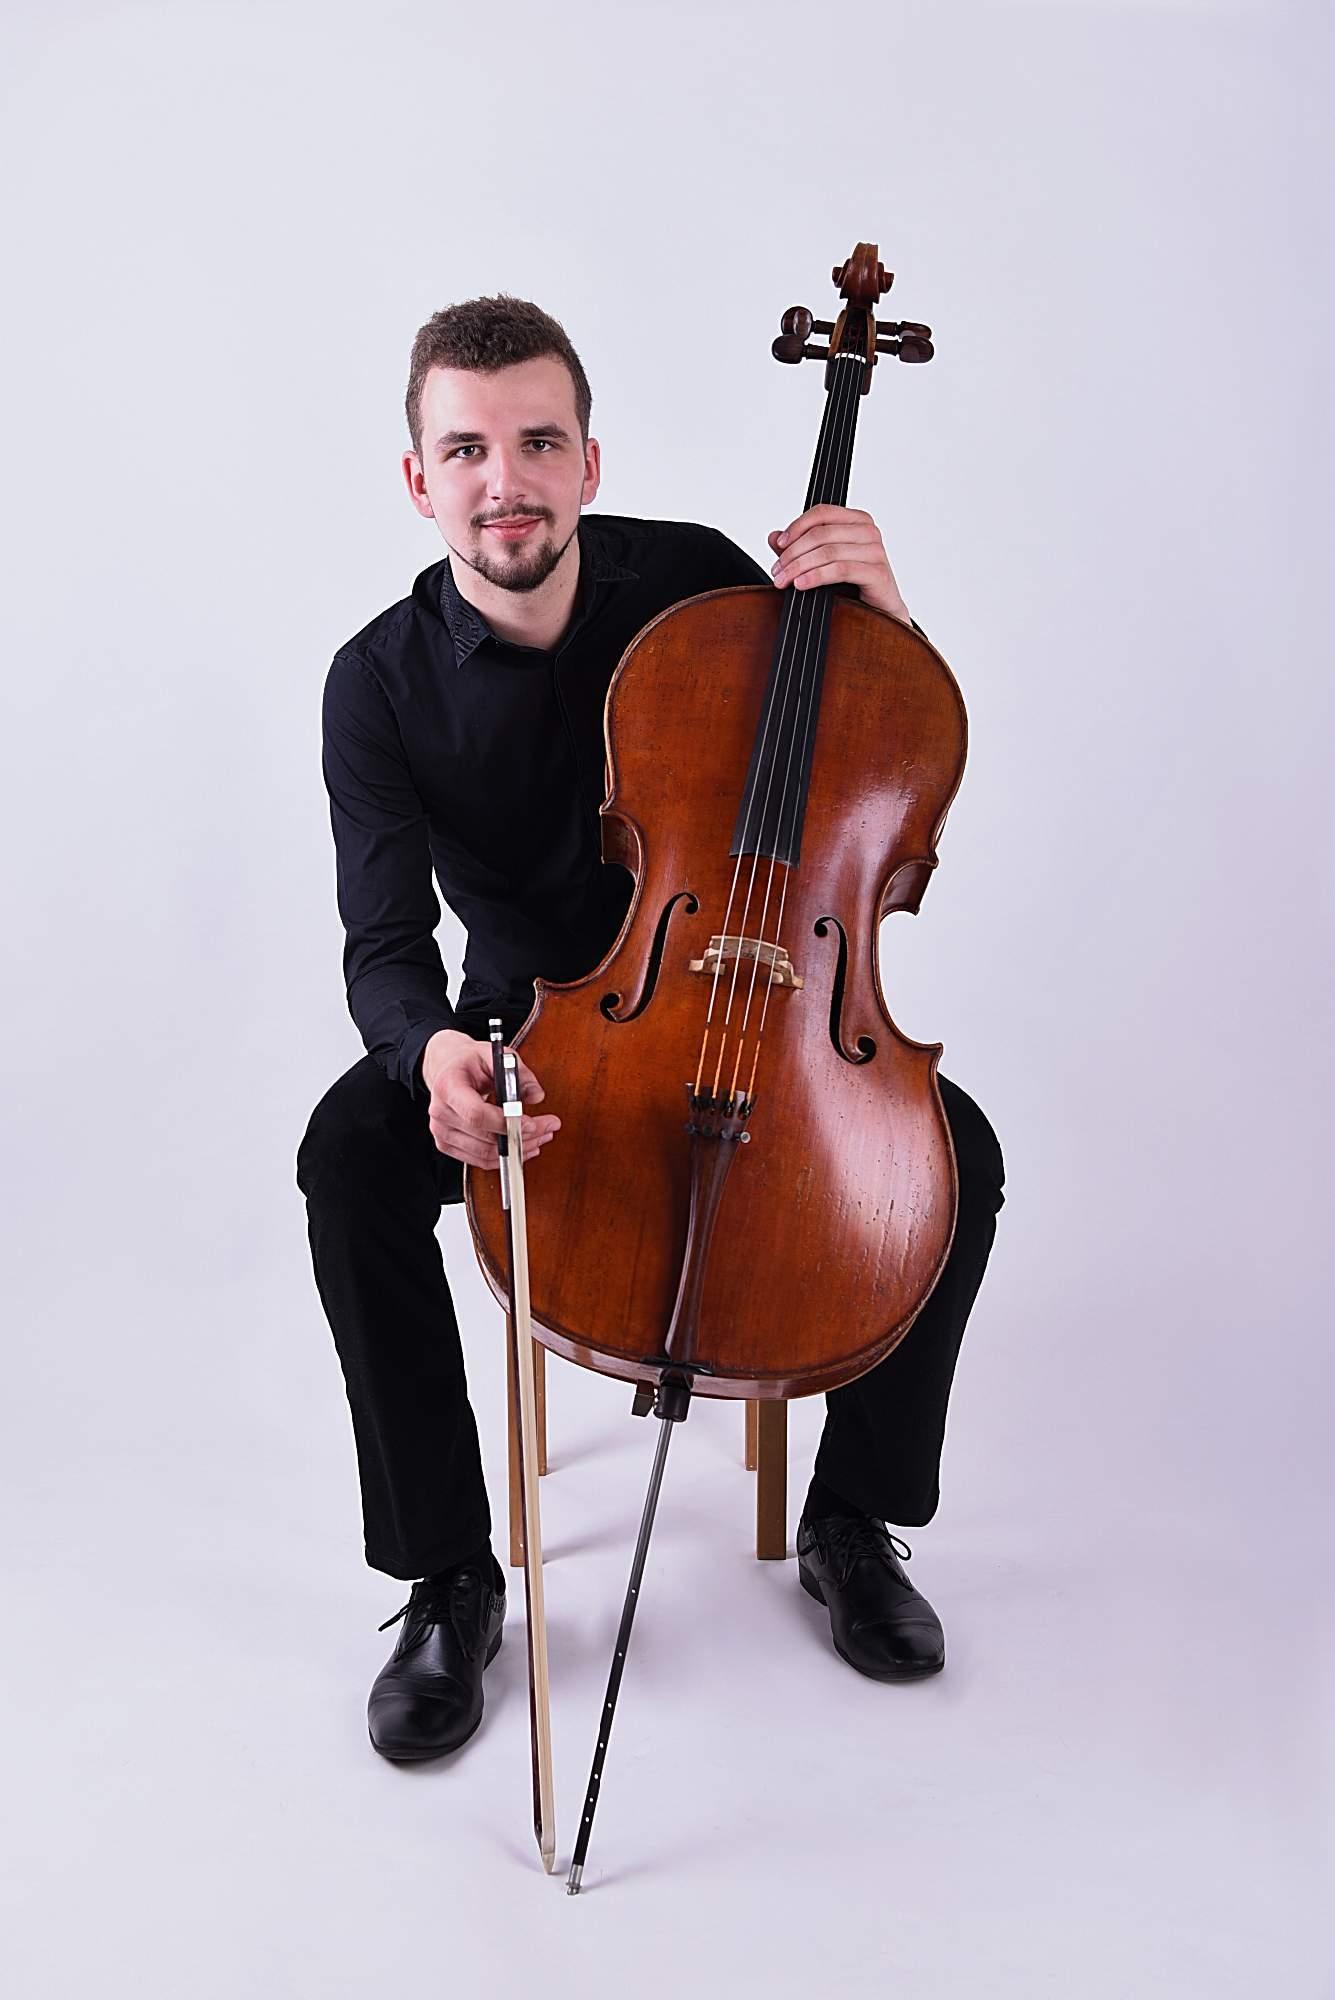 Ladislav Mariáš